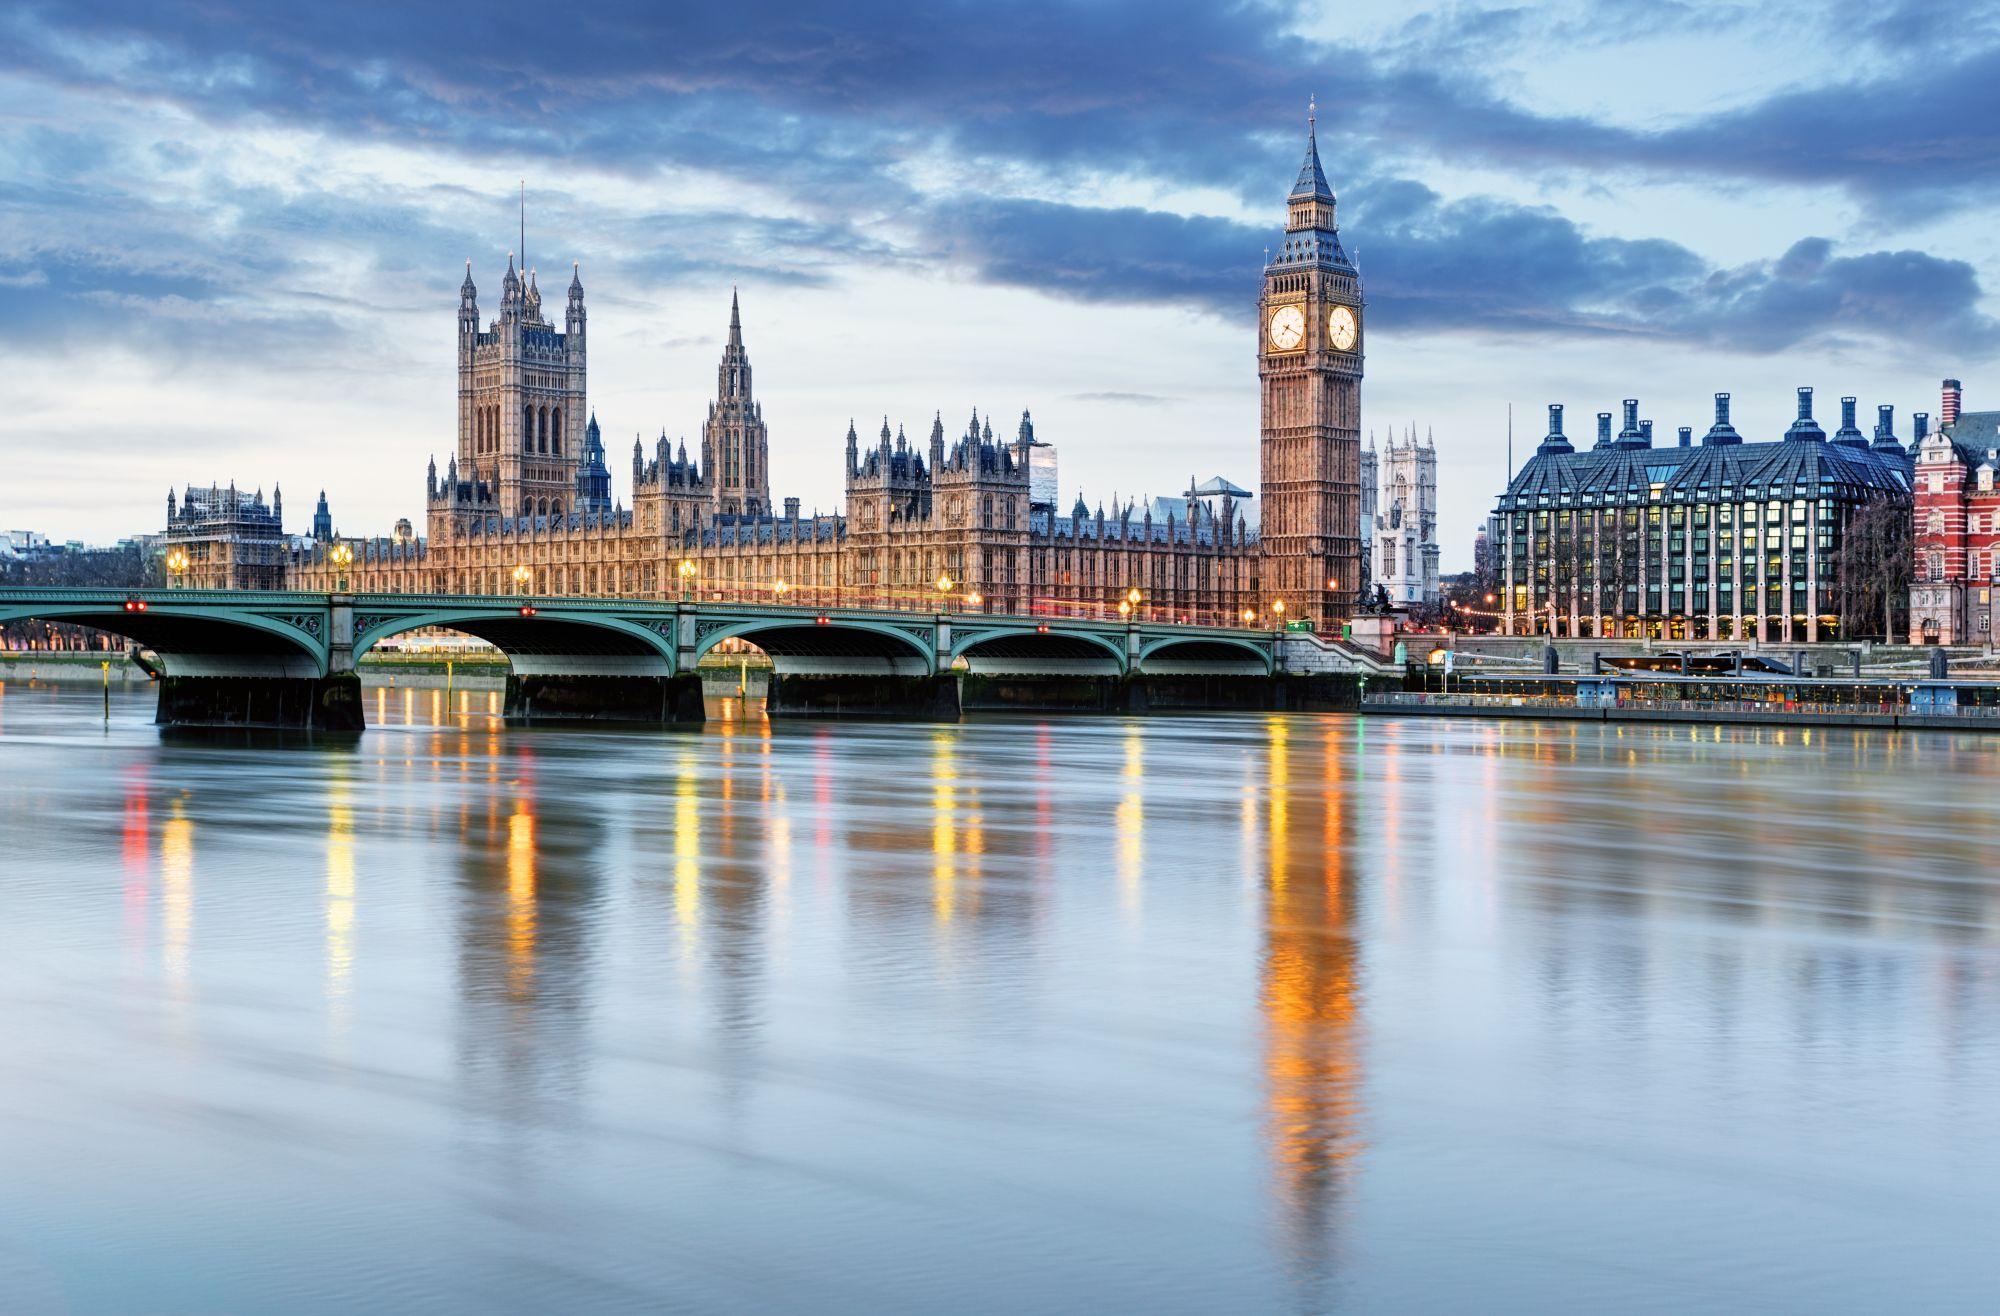 Londyn widok rzeki i miasta